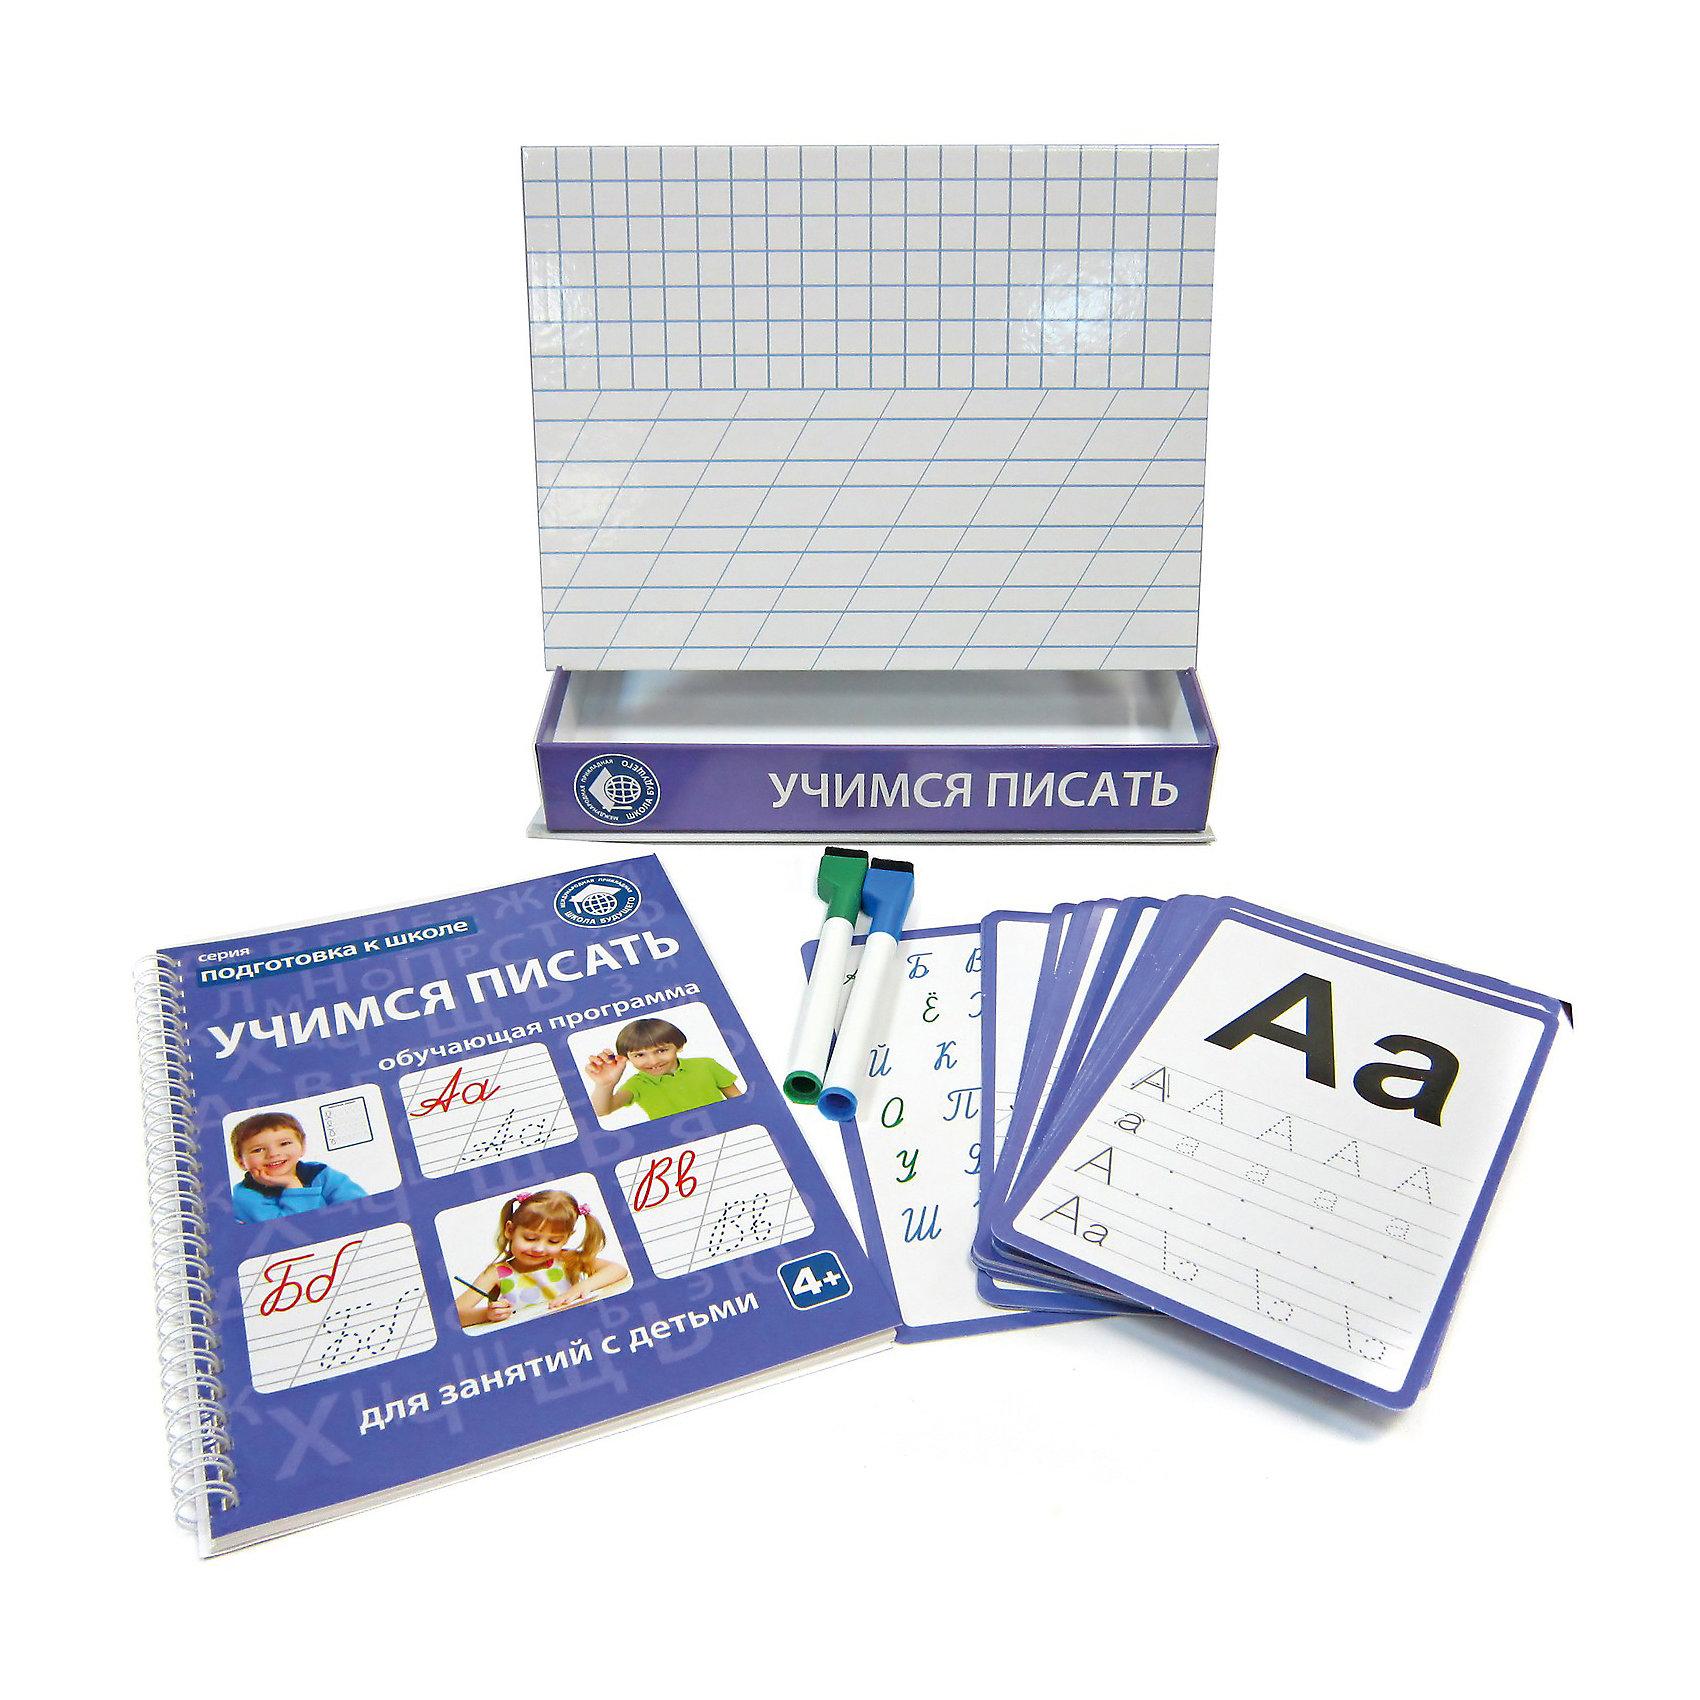 Обучающий набор «Учимся писать: от линии к букве»Прописи<br>Обучающий набор «УЧИМСЯ ПИСАТЬ: от линии к букве» - необходимая вещь при подготовке к школе. В наборе вы найдете красочные обучающие карточки, современные прописи, специальные маркеры «пиши-стирай», а также магнитную доску для занятий. Обучающая программа включает в себя огромное количество упражнений, которые помогут развить моторику и концентрацию внимания. Ребенок научится обводить по контуру буквы, проводить прямые линии, рисовать по клеточкам и точкам, дорисовывать недостающие части рисунка и многое другое.<br>В комплект входит: 1  доска для занятий, 40 обучающих карточек, 2  маркера «пиши-стирай», обучающая программа (книжка для родителей).<br>Набор продается в картонной коробке. Ее размер: 20,3х26,5х4,5 см.<br>Рекомендуется детям старше 4 лет.<br><br>Ширина мм: 265<br>Глубина мм: 45<br>Высота мм: 203<br>Вес г: 954<br>Возраст от месяцев: 36<br>Возраст до месяцев: 72<br>Пол: Унисекс<br>Возраст: Детский<br>SKU: 5426453